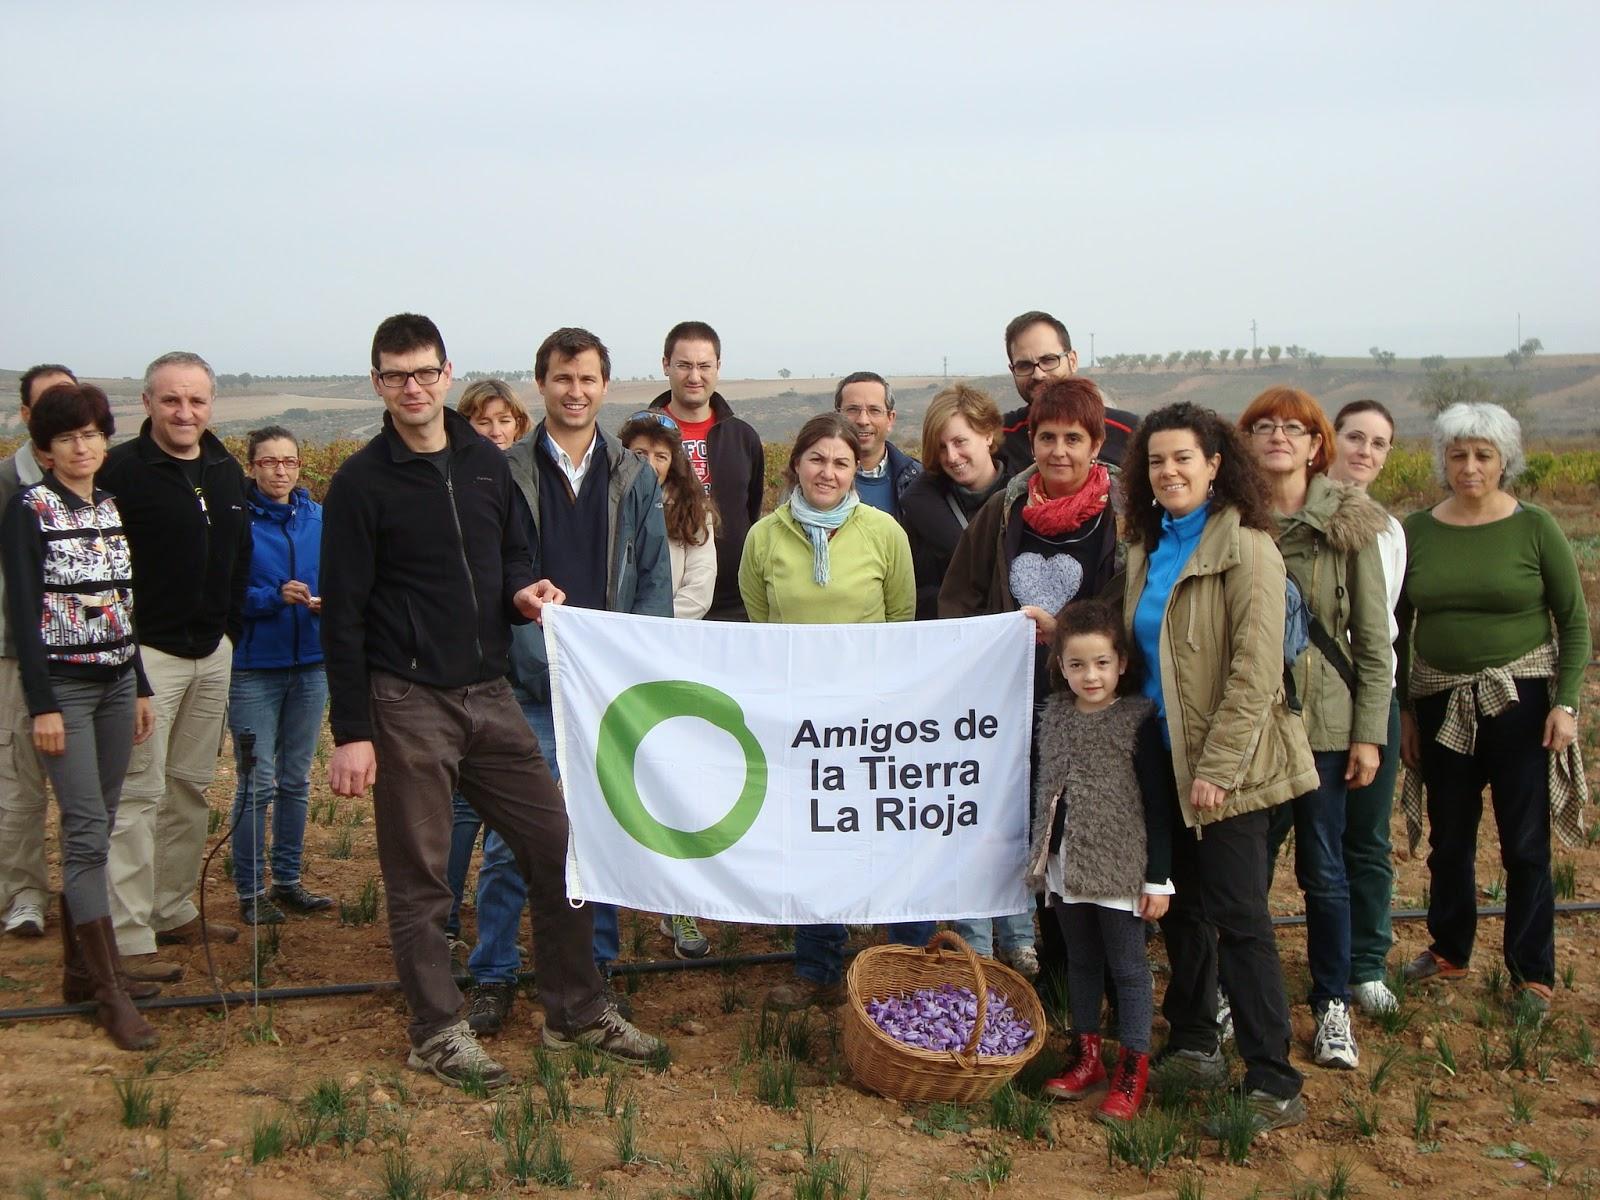 Ir a La Rioja: Excursión por el entorno de San Román de Cameros